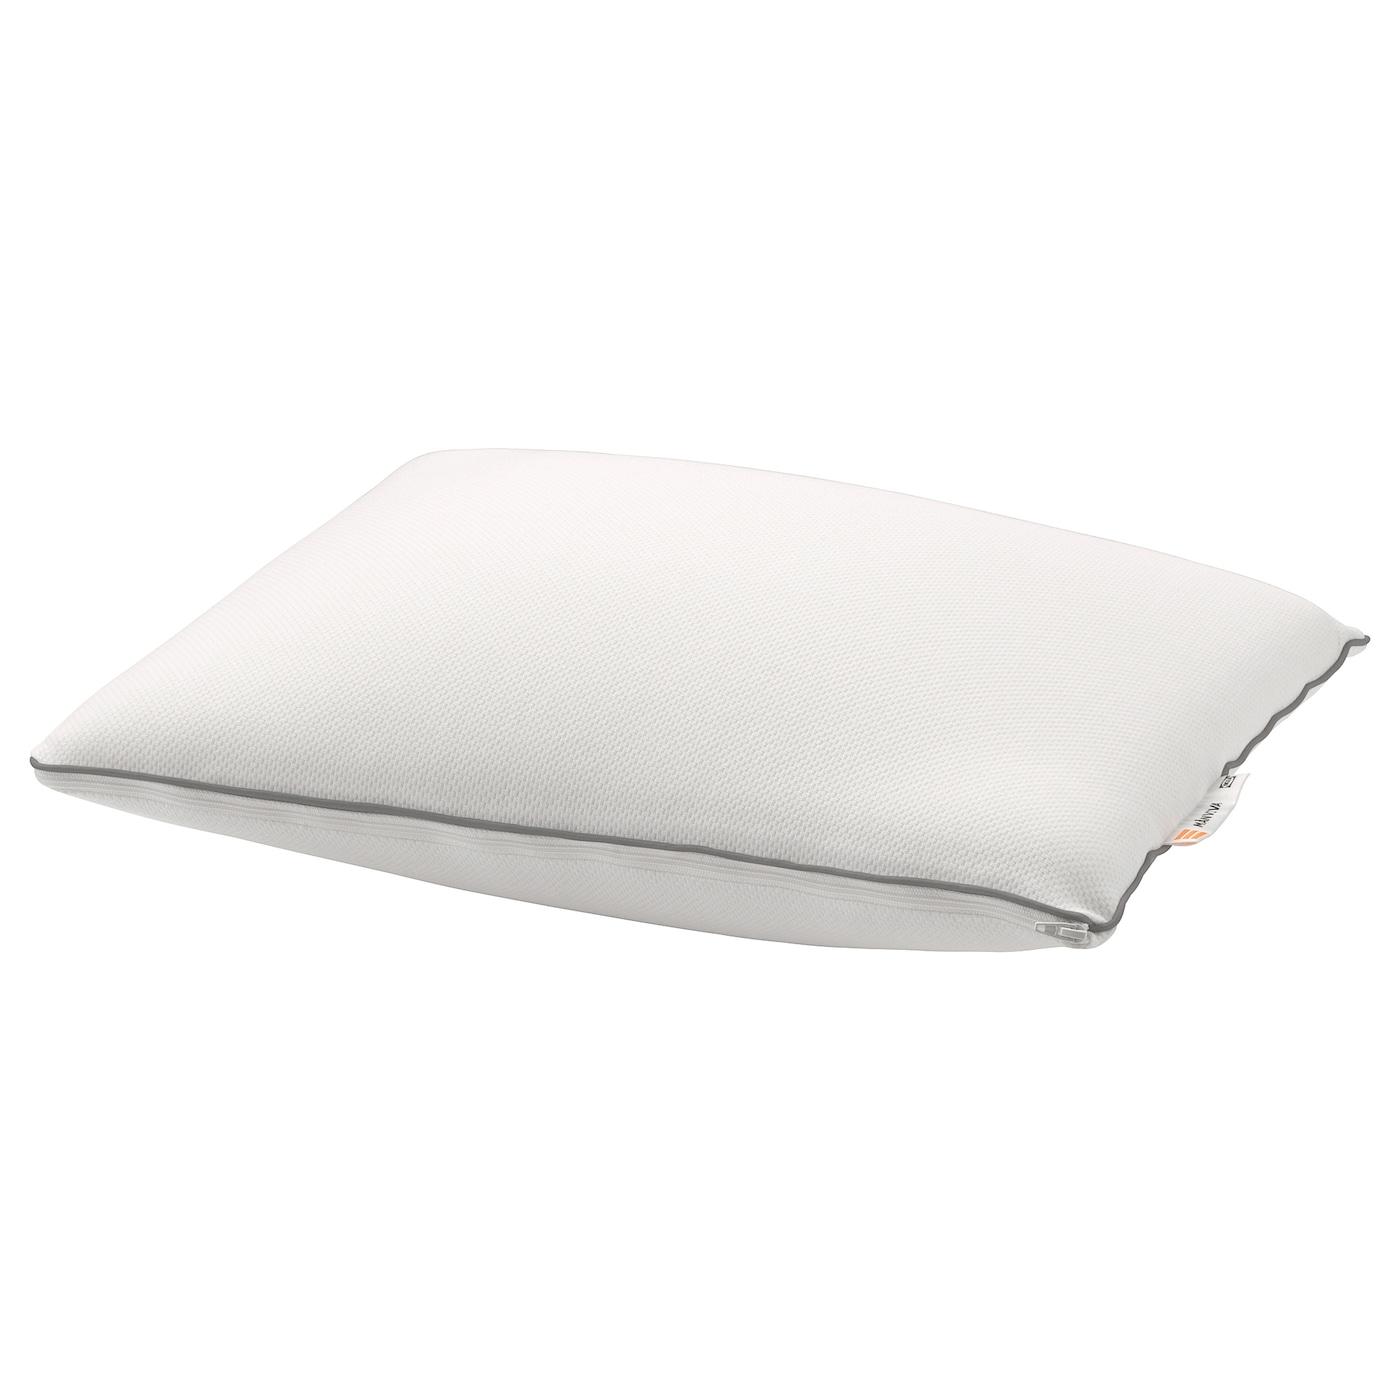 dunvik lit sommier h v g ferme tuss y gris clair 160 x 200 cm ikea. Black Bedroom Furniture Sets. Home Design Ideas